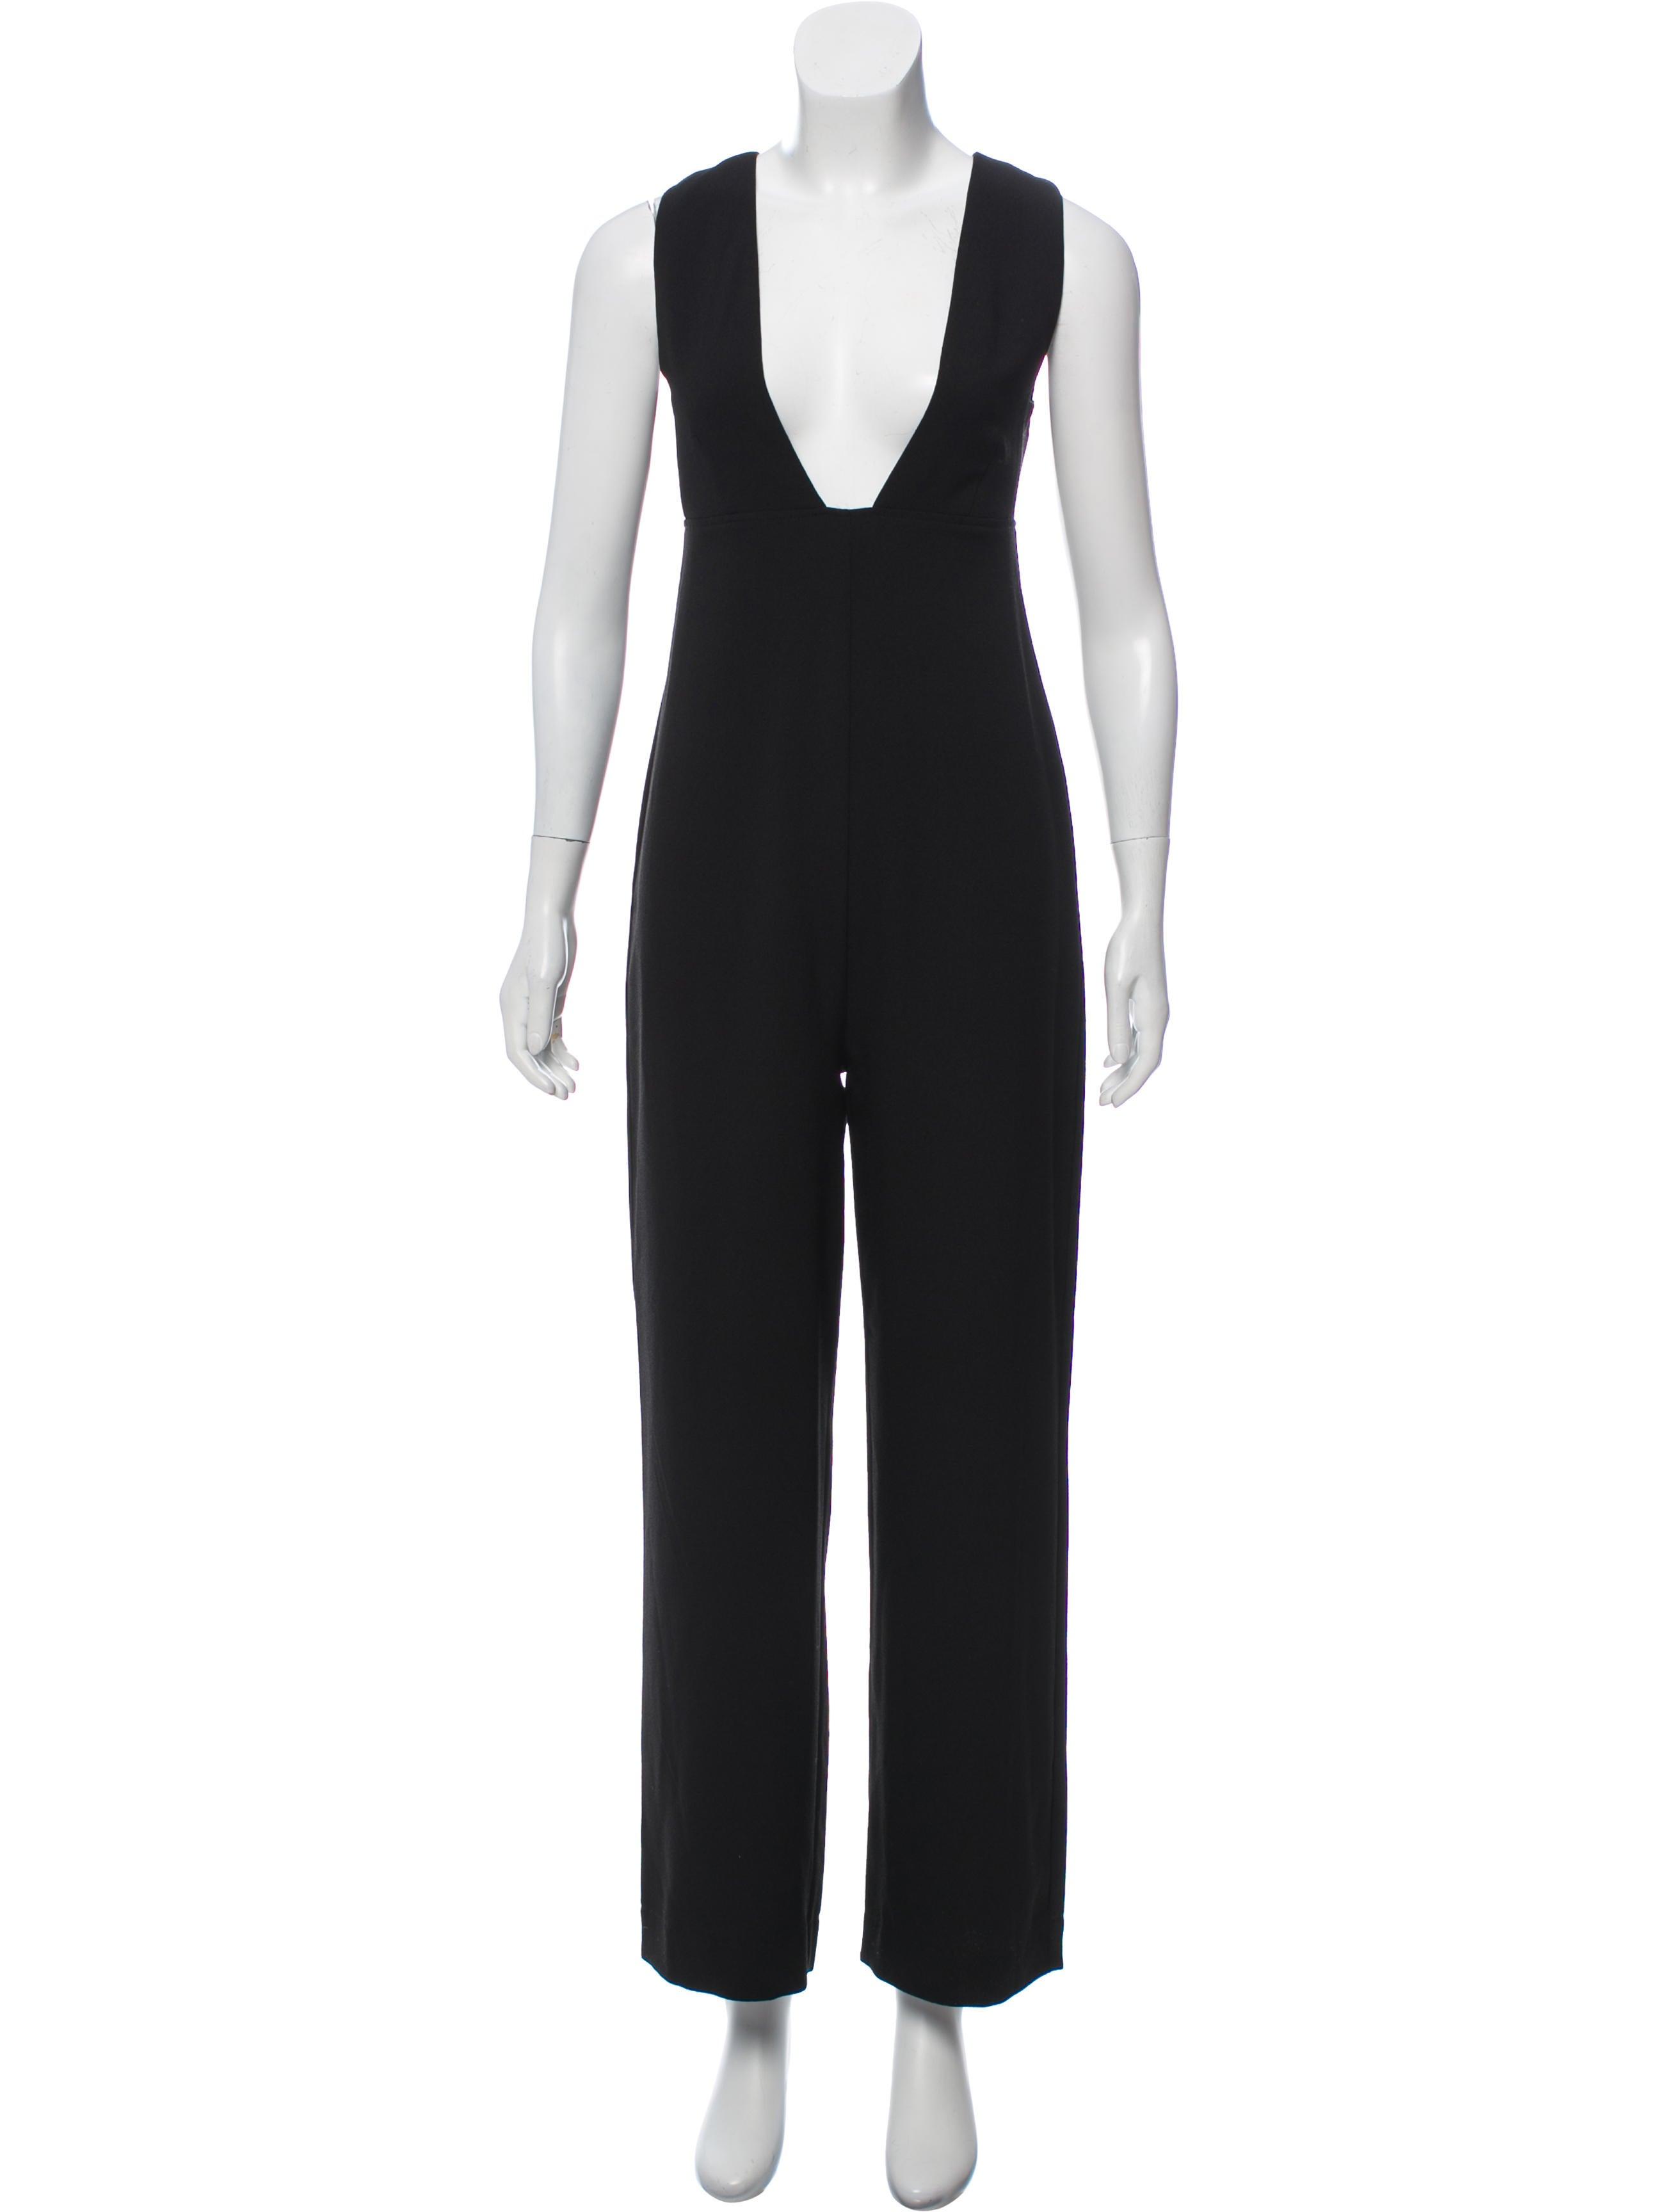 a24c2db5940e Ganni Clark Wide-Leg Jumpsuit w  Tags - Clothing - WZG21671